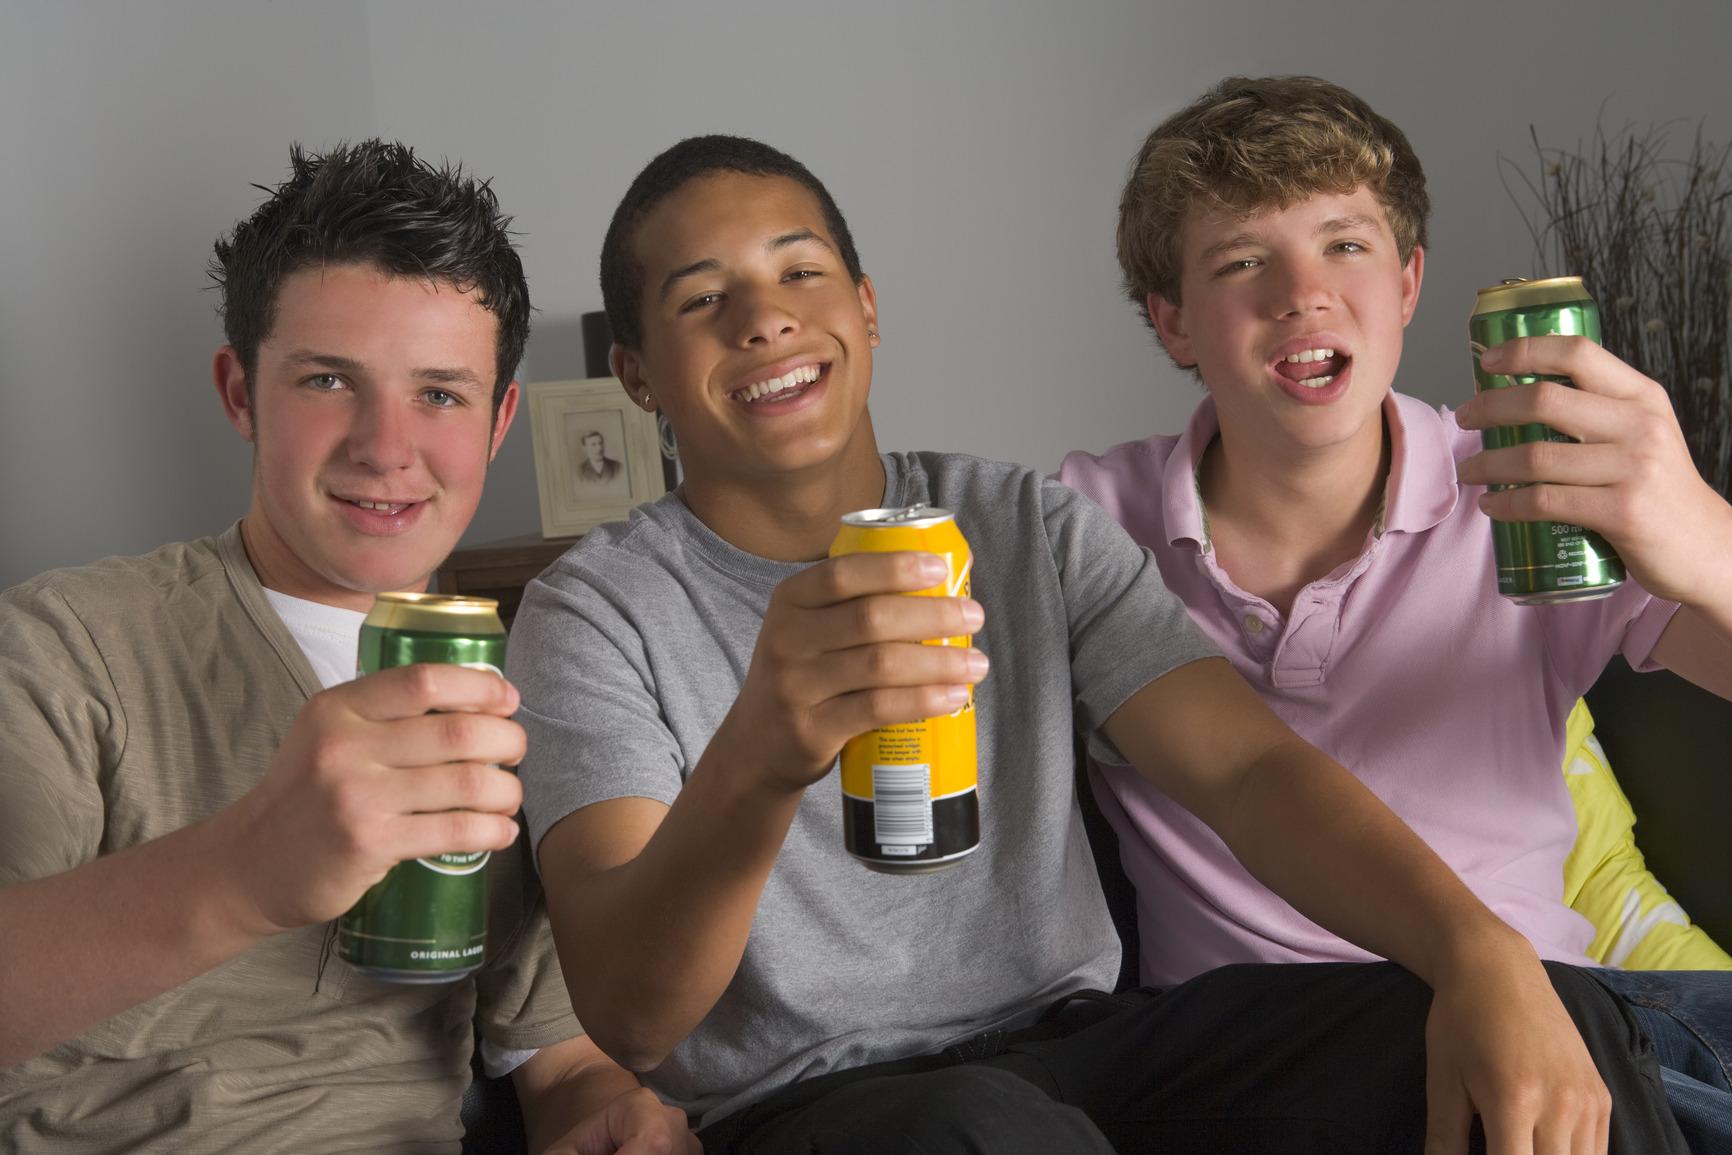 teenage-boys-drinking-beer.jpg